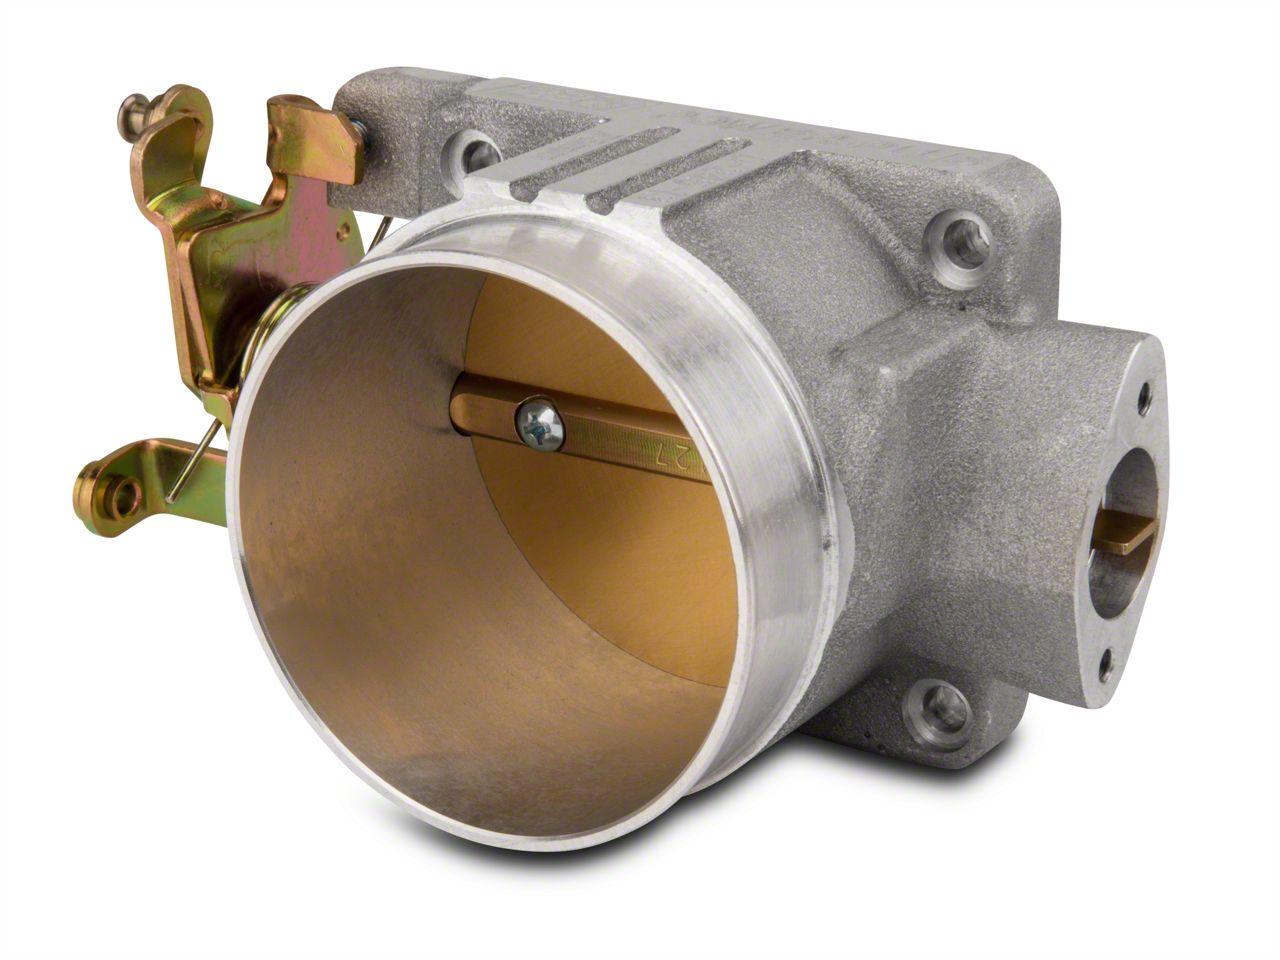 BBK 75mm Throttle Body (97-03 4.6L, 5.4L F-150)